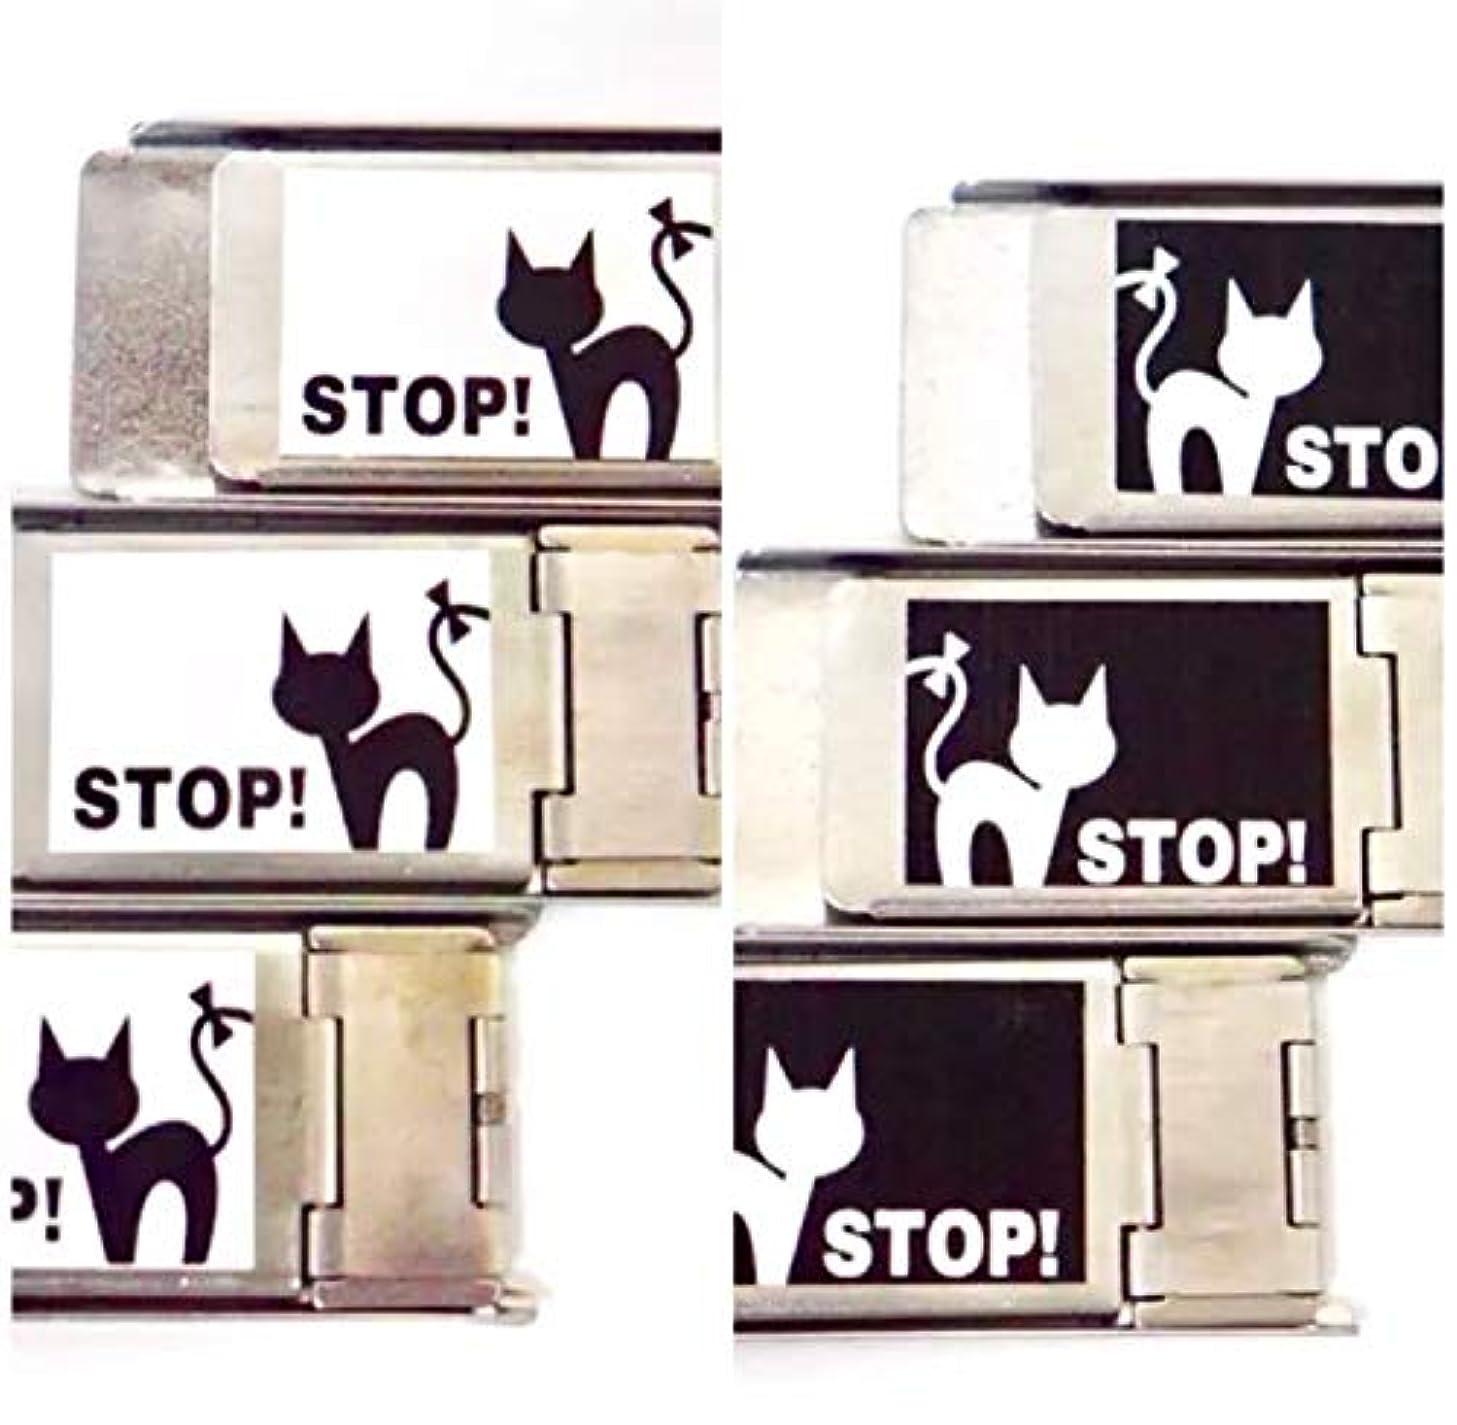 俳句一生と遊ぶ網戸ロック 3個セット にゃんにゃんストッパー 猫 脱走 防止 補助錠 (選べるオーダー注文)